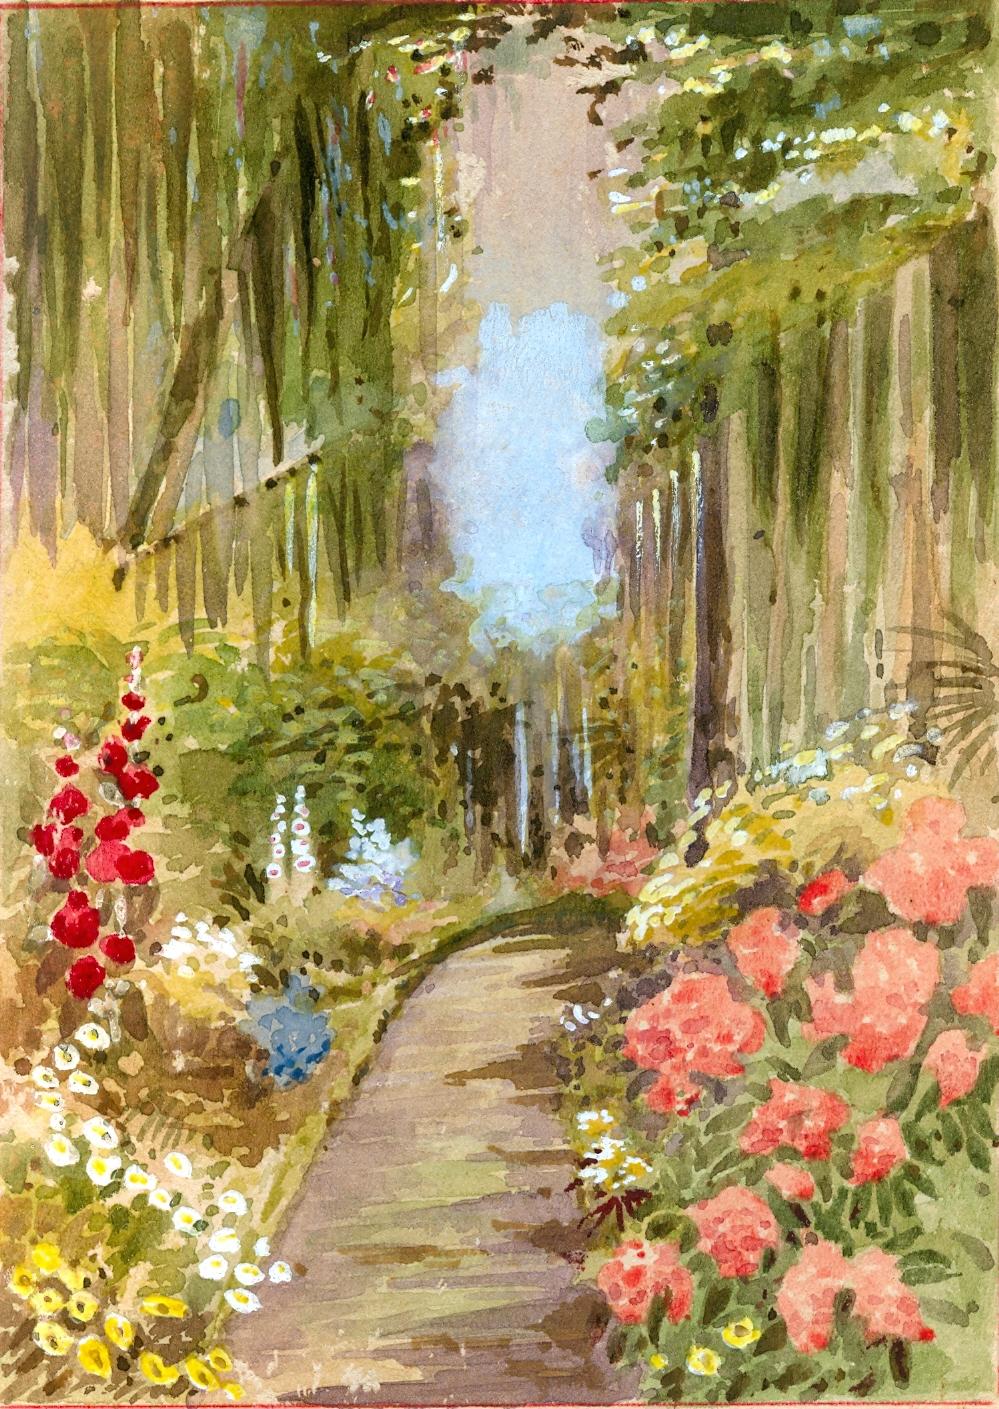 Palatka Ravine Gardens